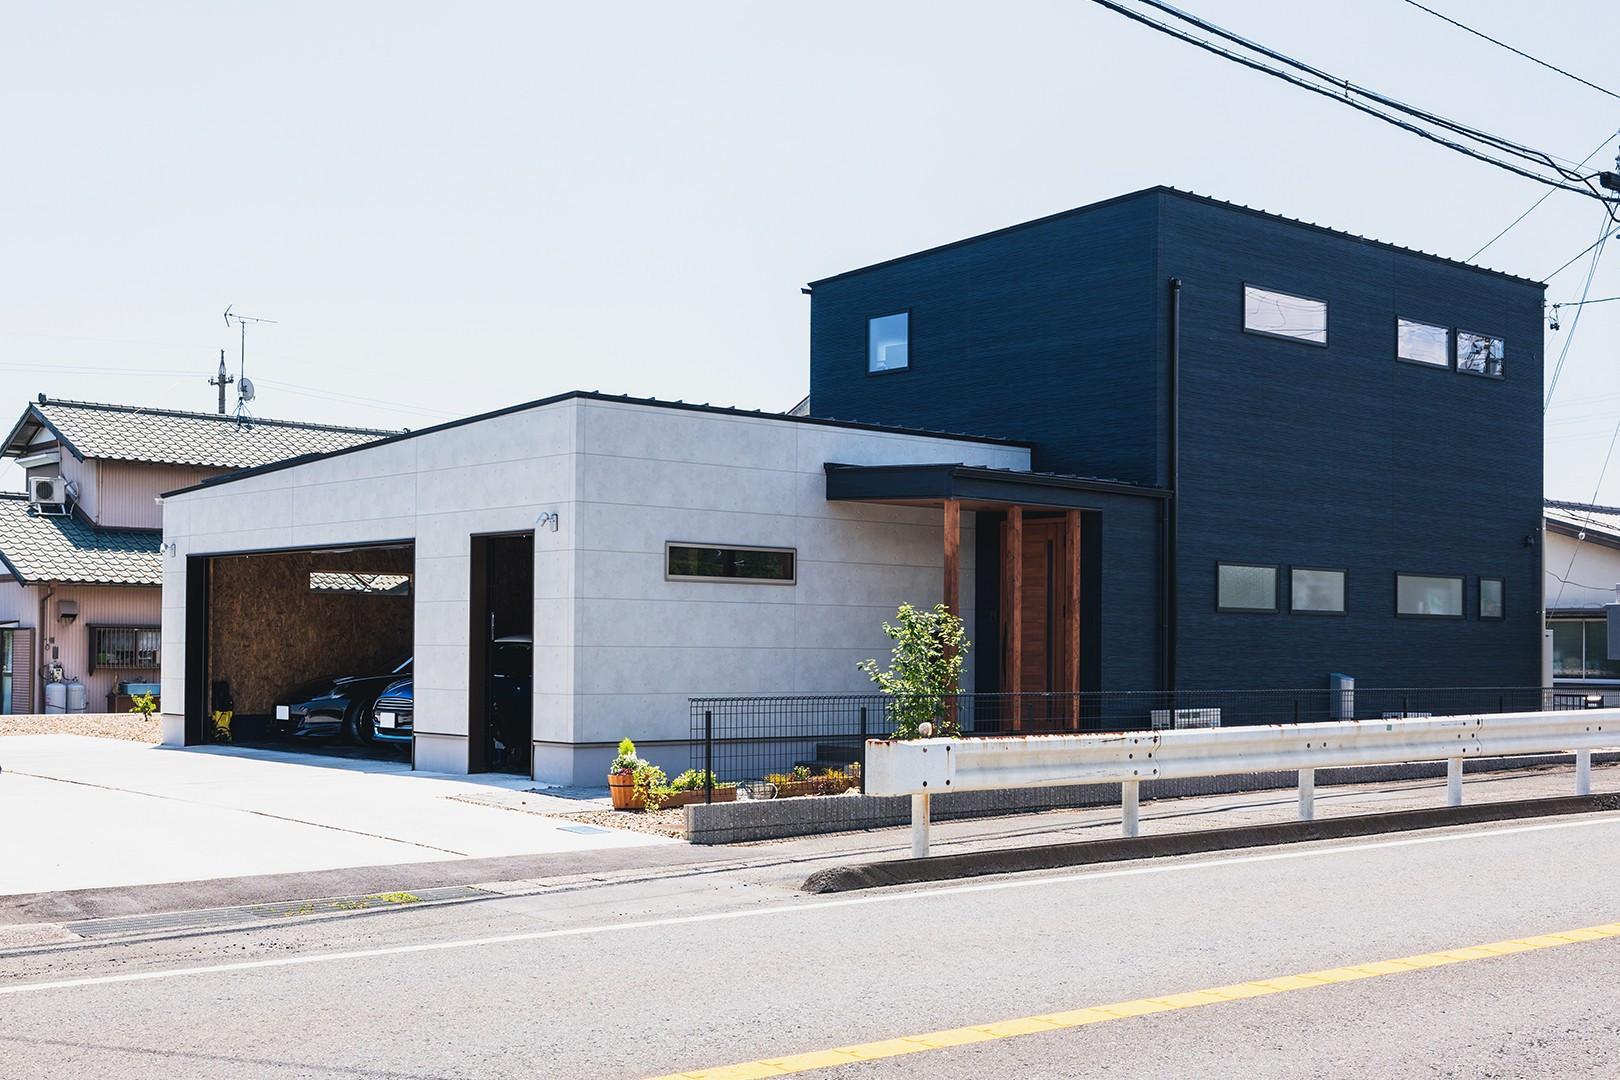 大きなガレージのあるカフェスタイルの家 アイキャッチ画像